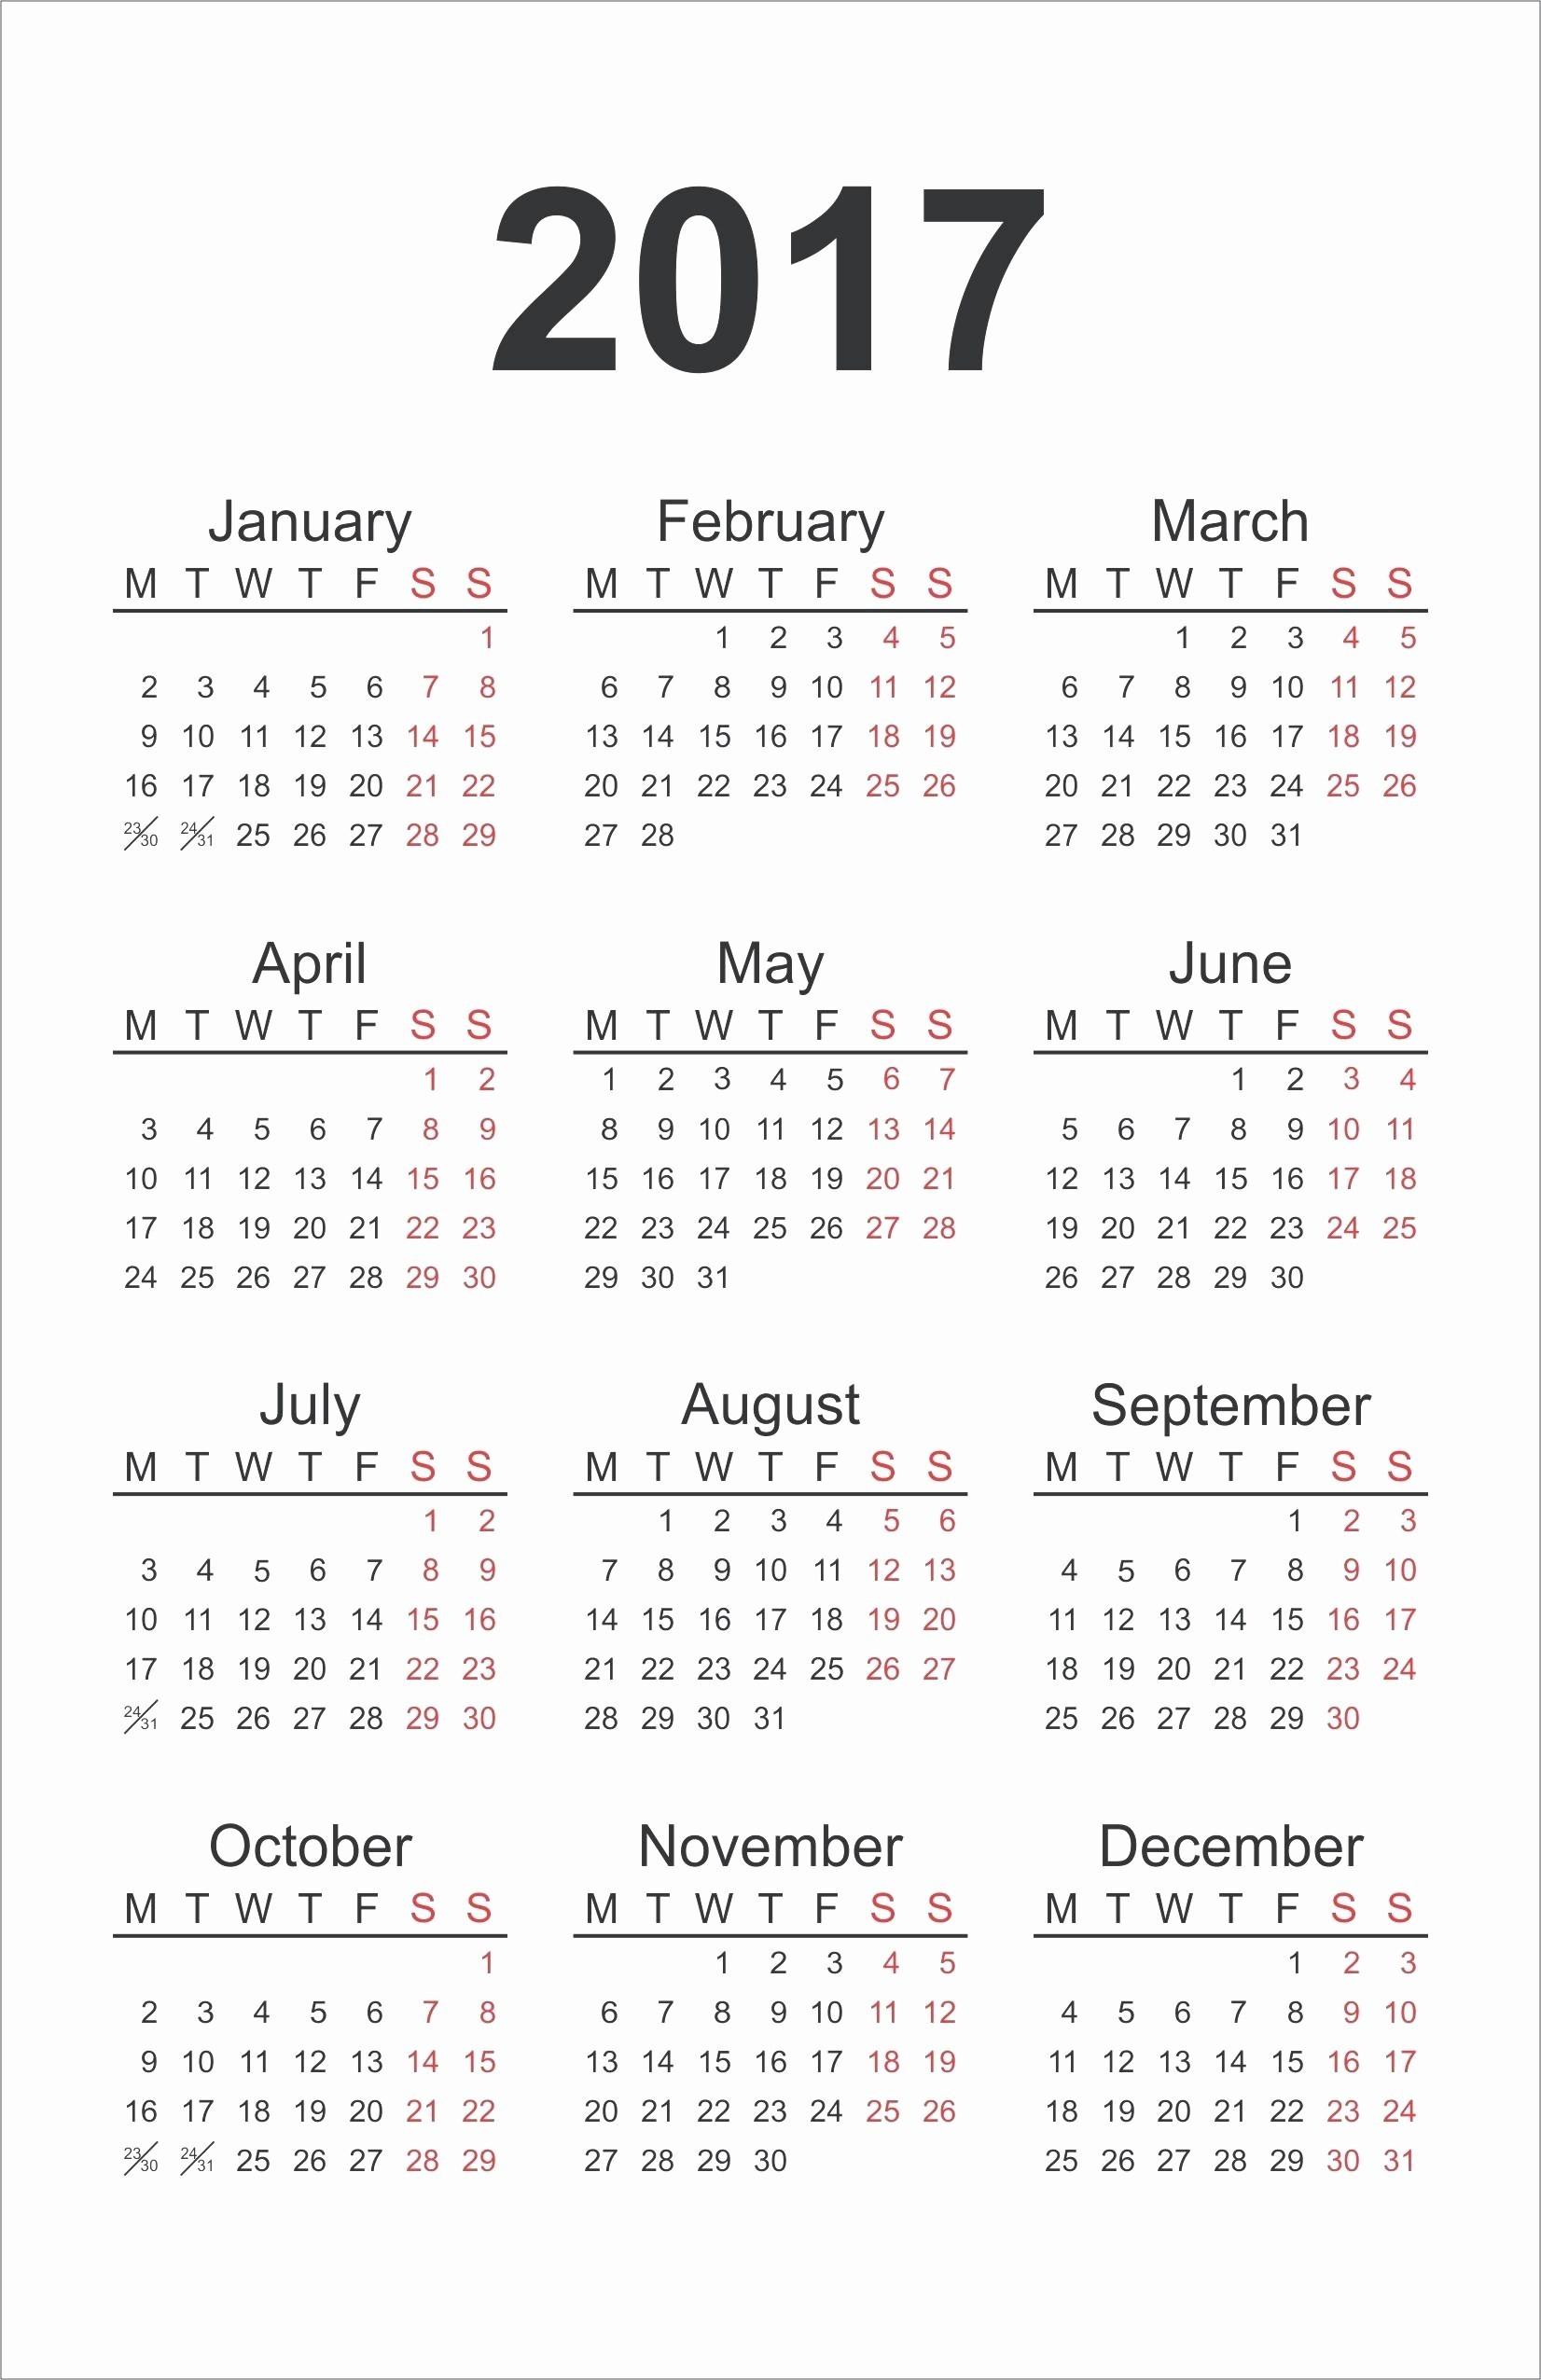 March 2019 Calendar Lala Ramswaroop Más Recientes December 2019 Calendar Pdf Printable Calendar Countdown – Calendar Of March 2019 Calendar Lala Ramswaroop Más Caliente News Flash Connected with Lala Ramswaroop Calendar 2019 Download Pdf